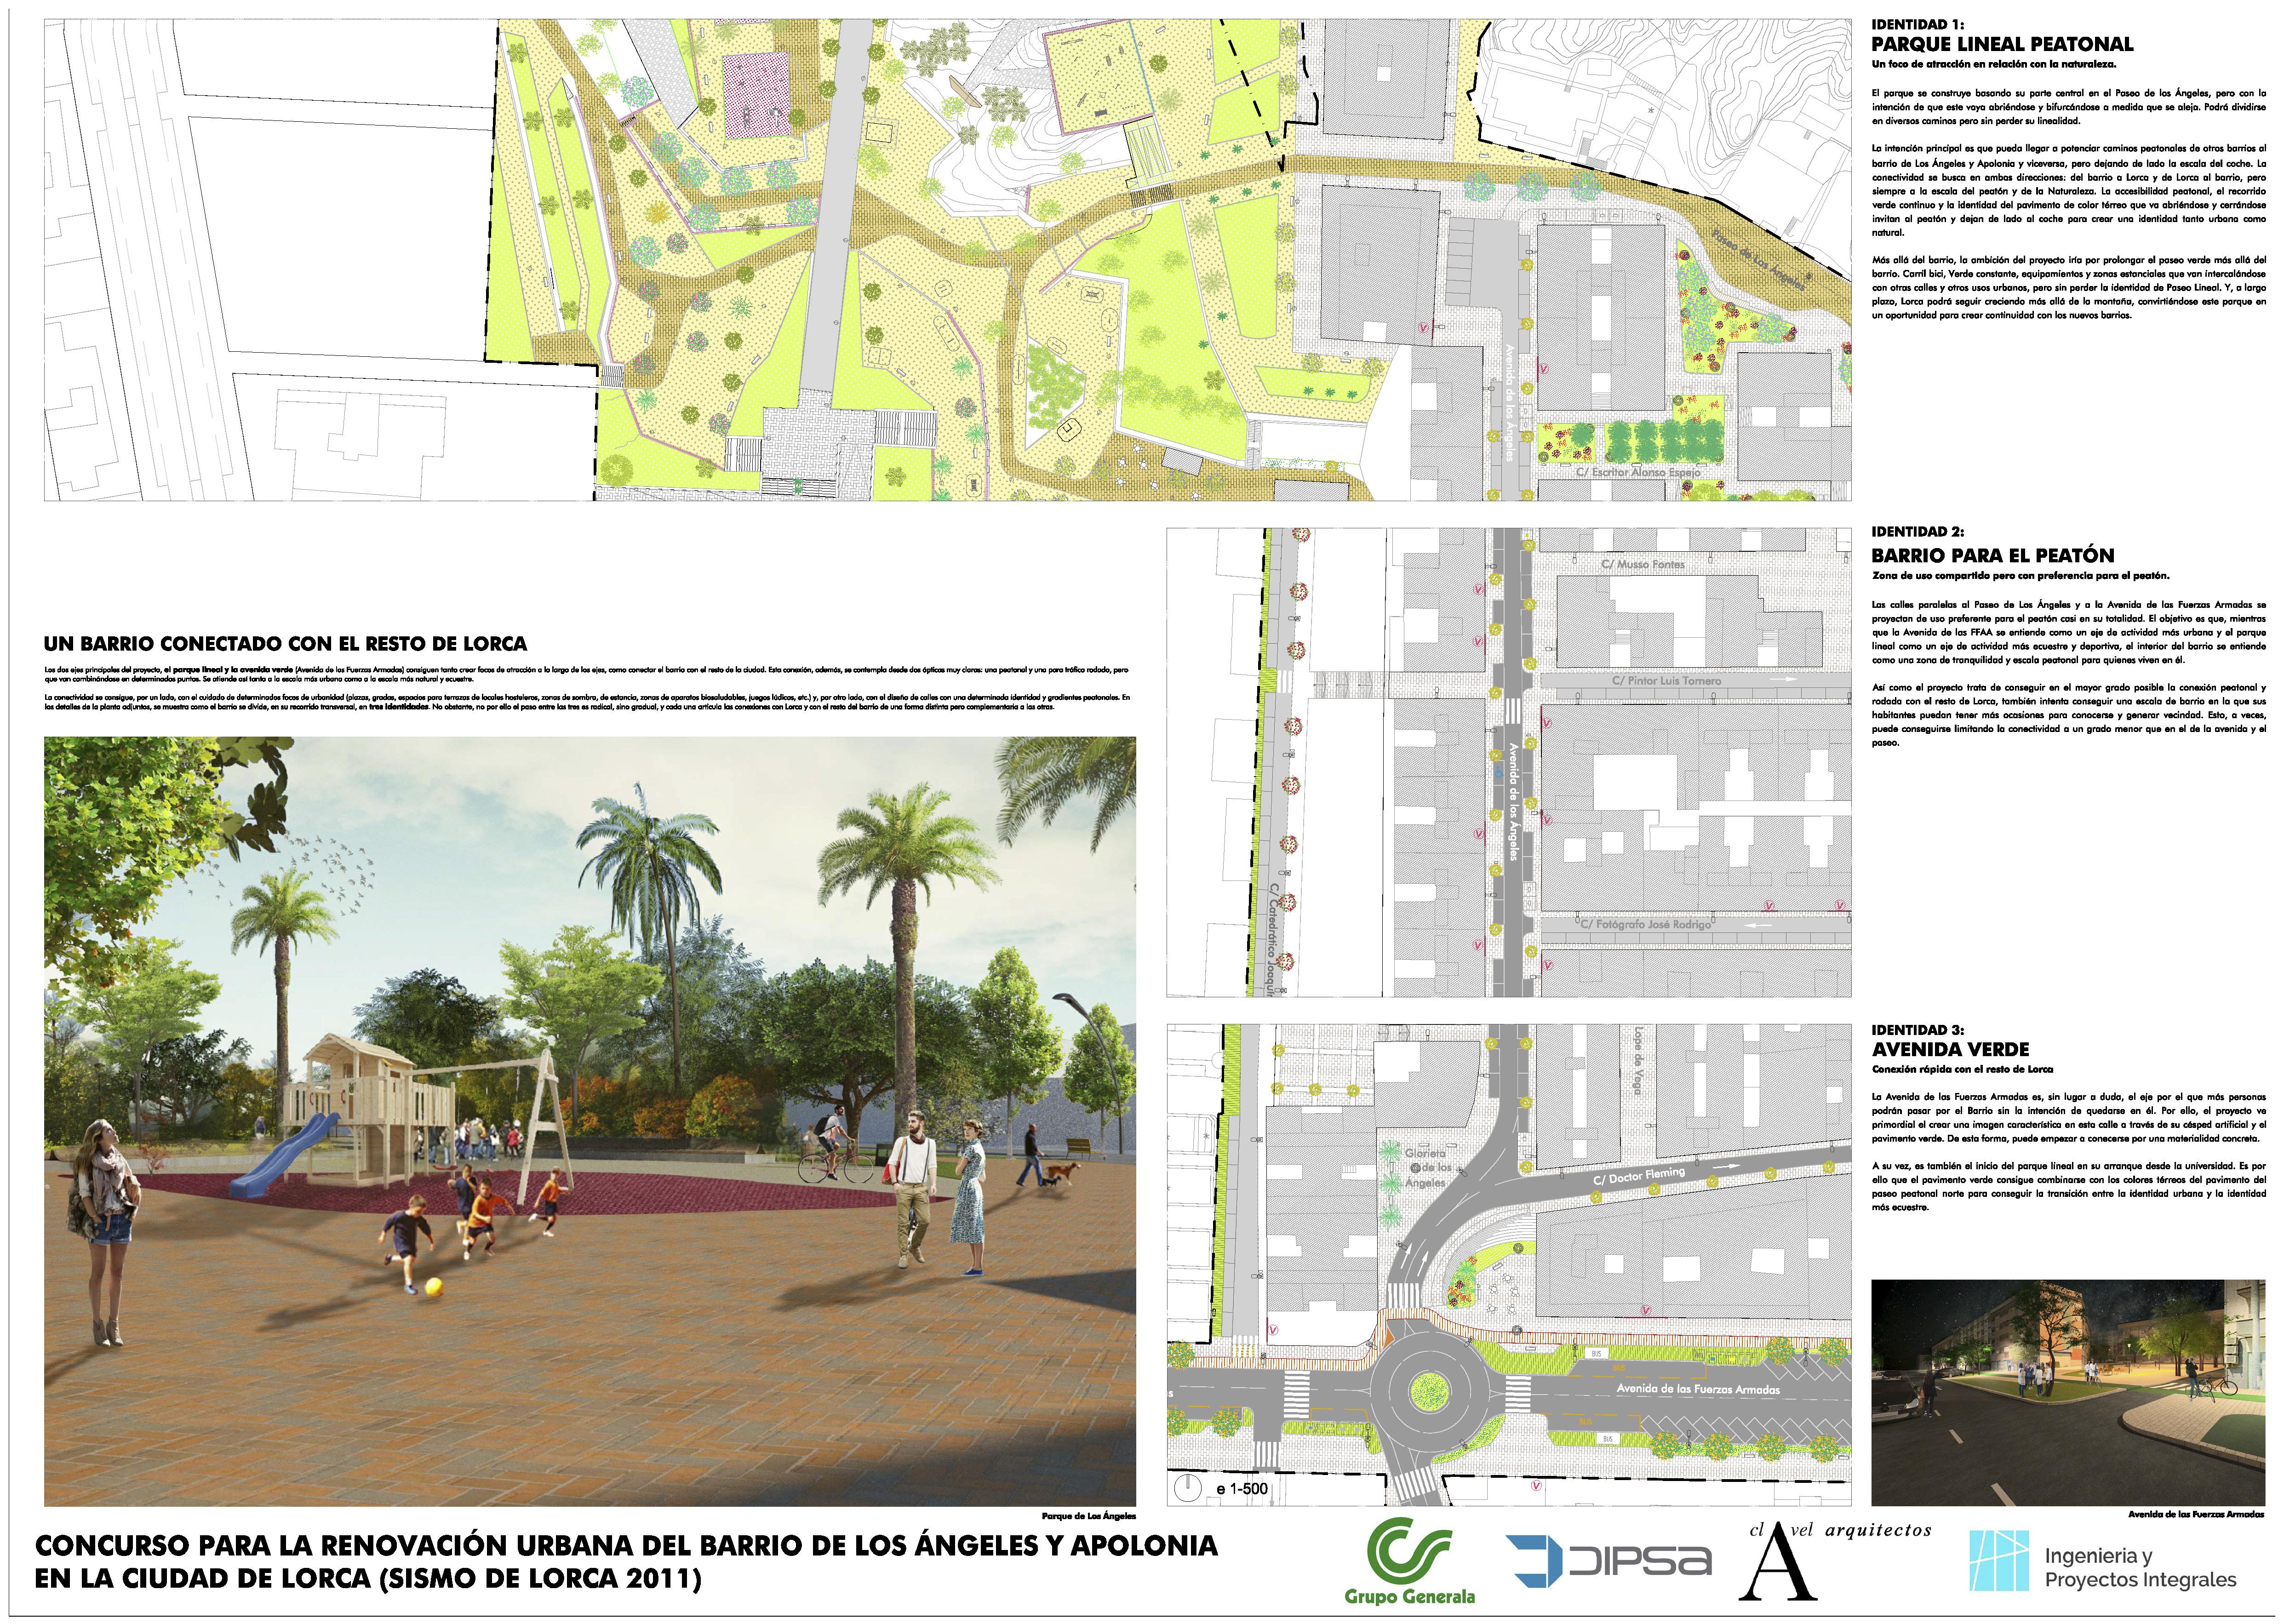 Renovación urbana del barrio los Angeles